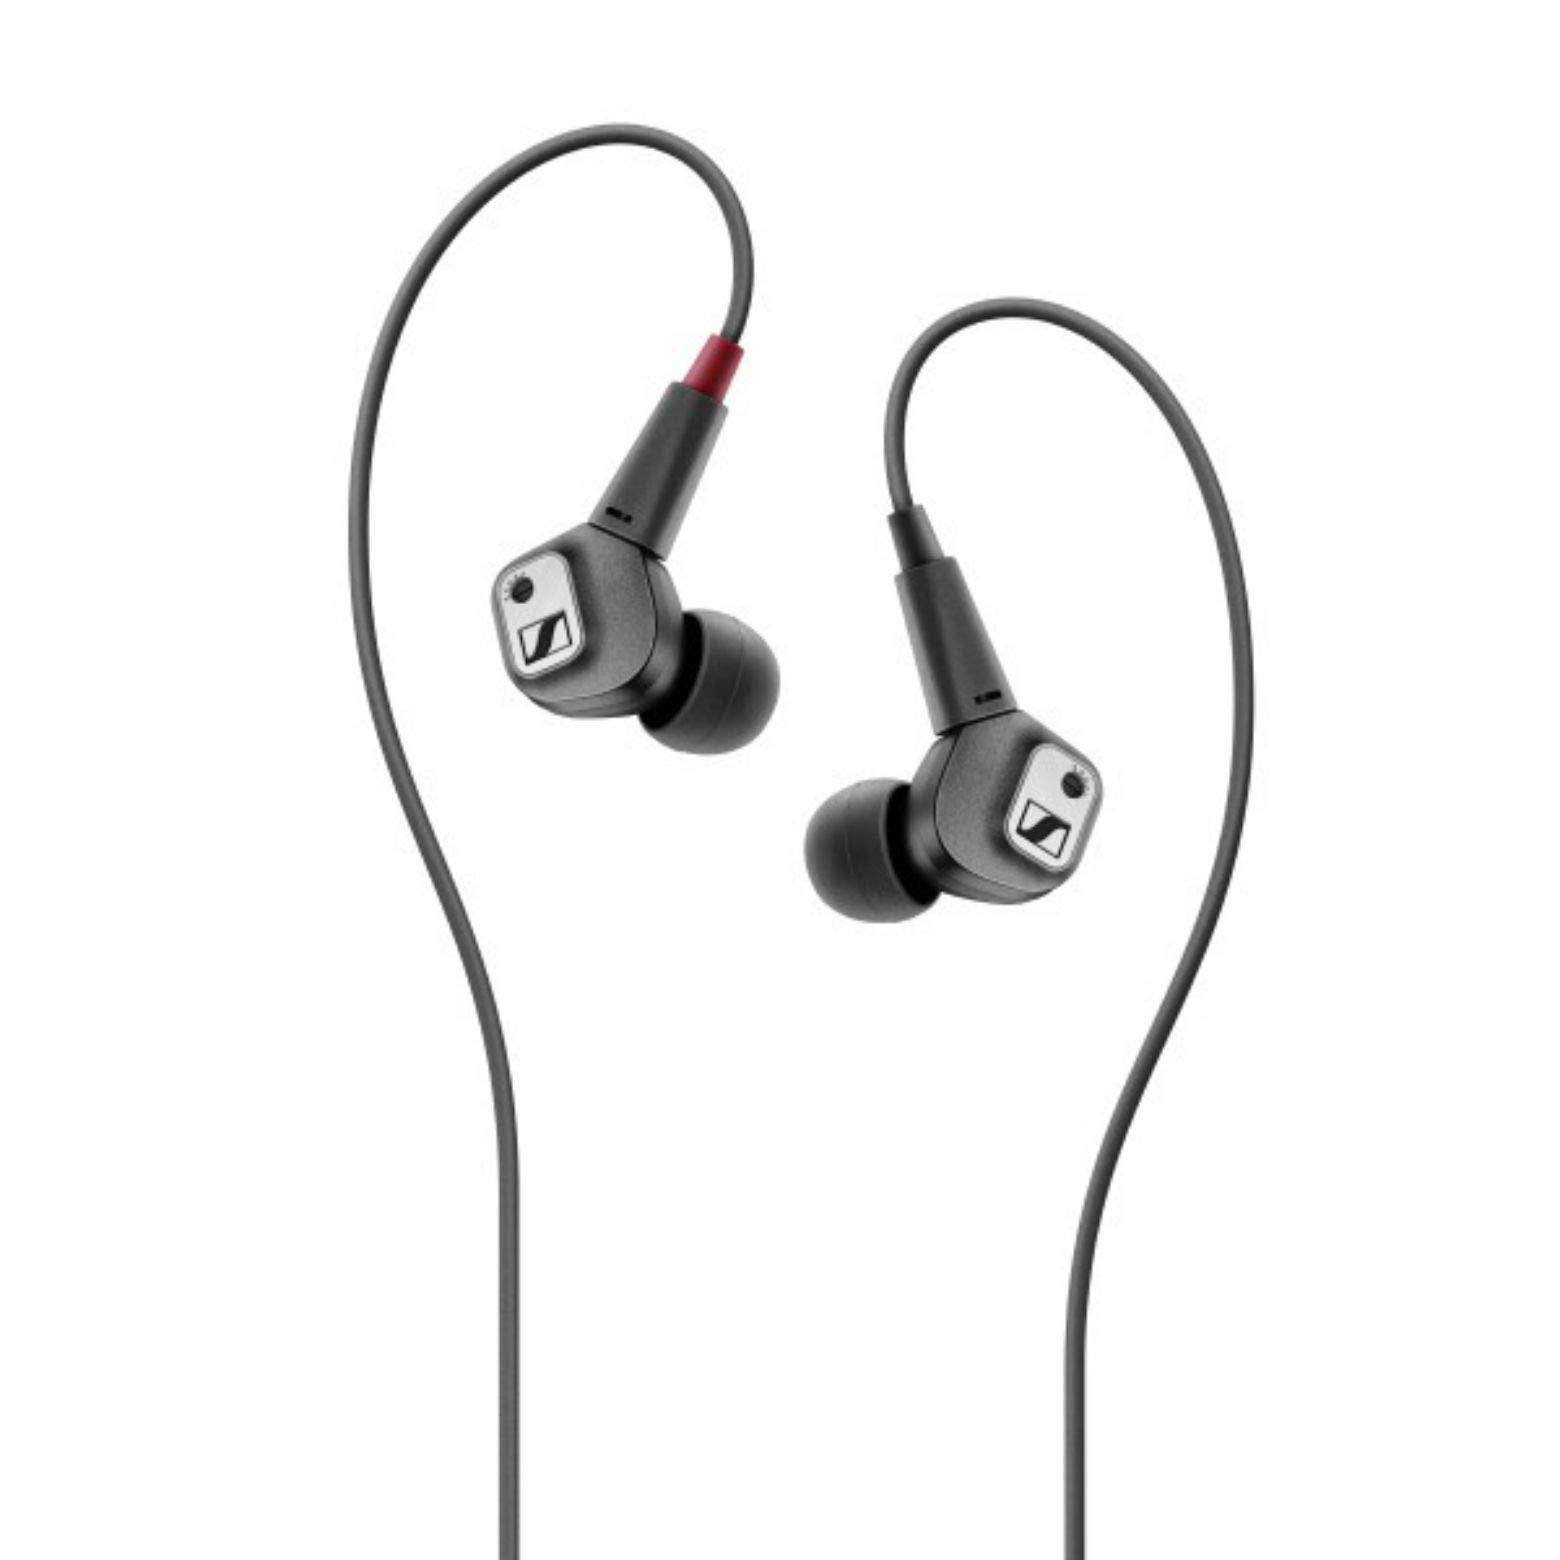 Sennheiser IE 80 S Adjustable Bass Earbud Headphone